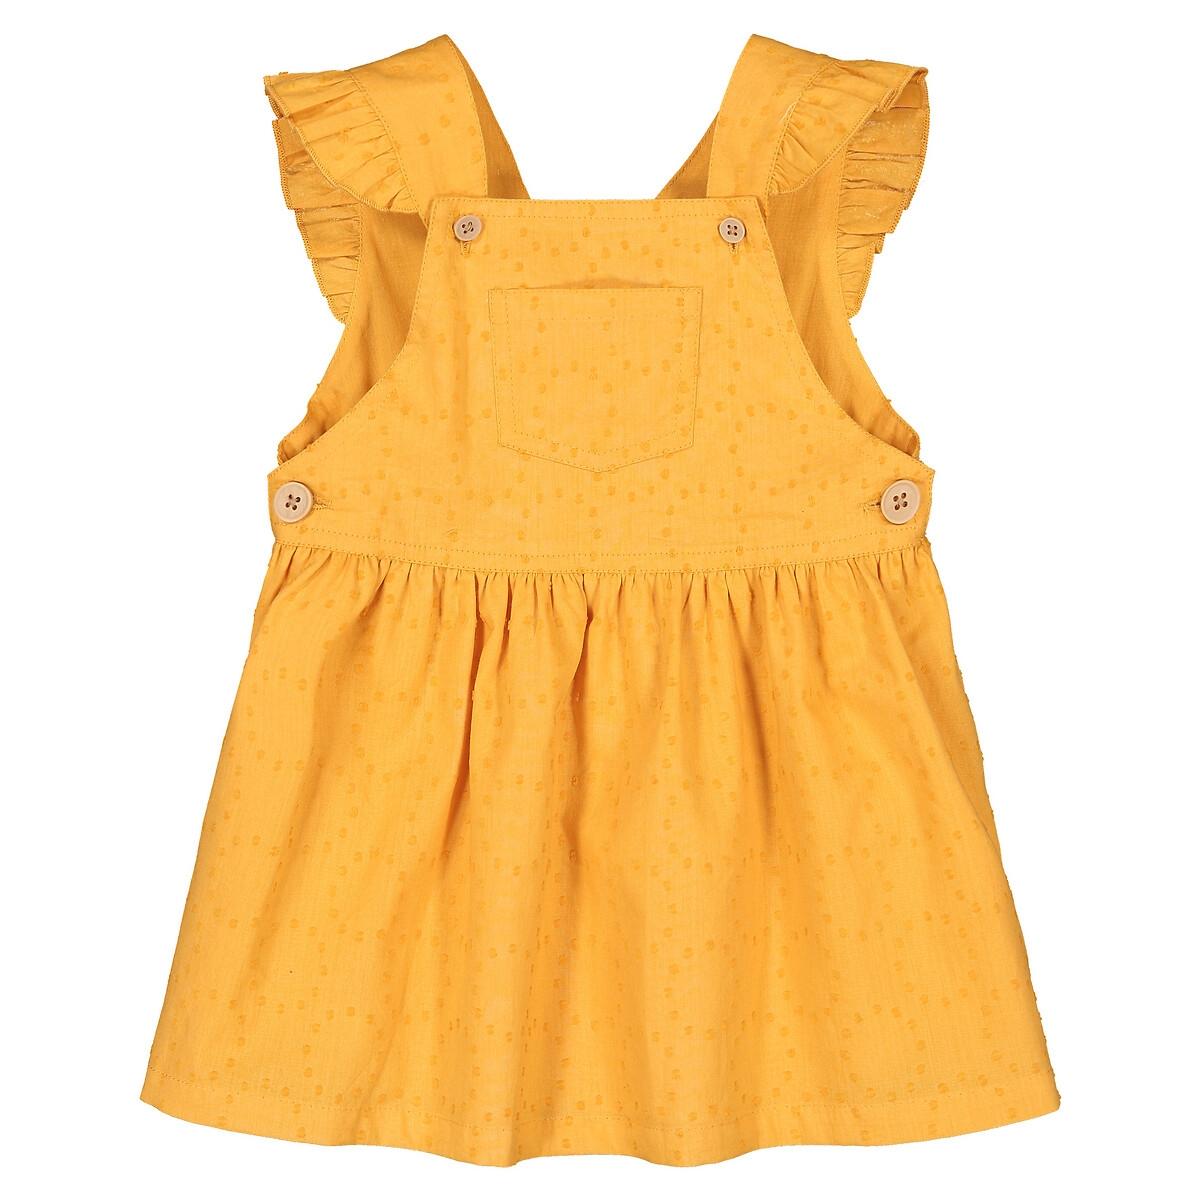 Платье LaRedoute С вышивкой и воланами 3 мес-4 года 1 год - 74 см желтый